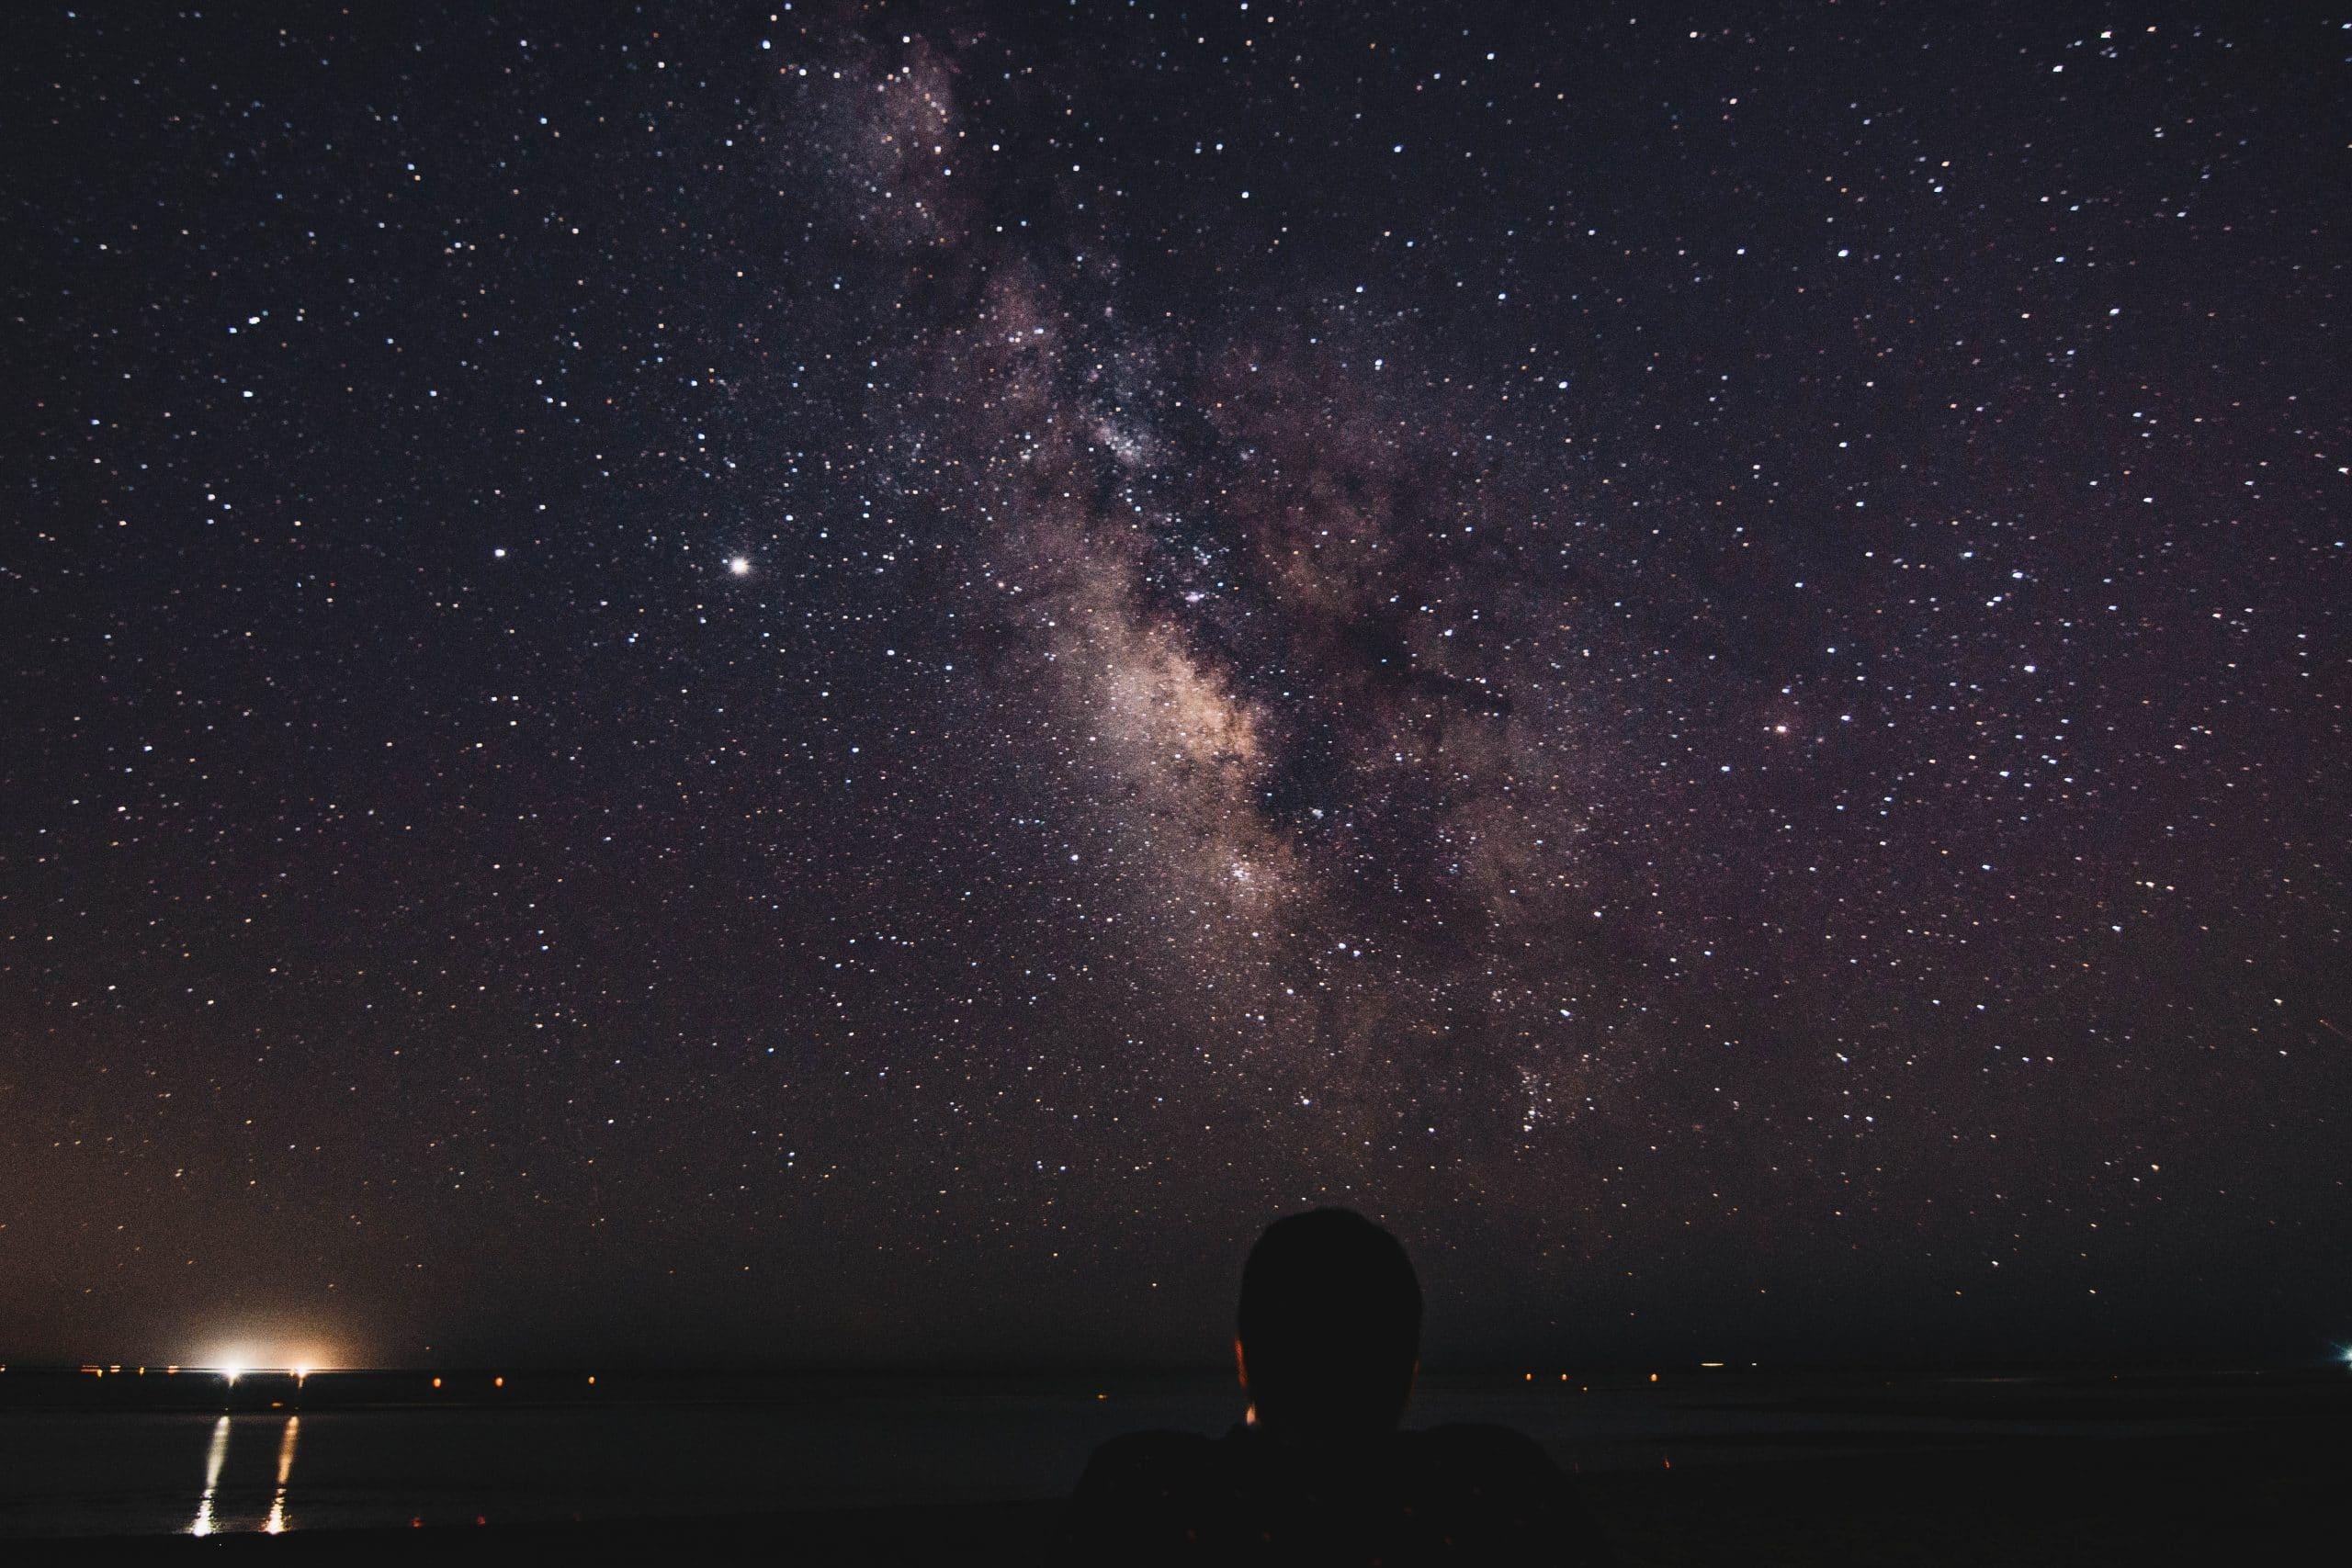 Tom Campbell über Angst, Corona-Pandemie, Menschheit, Zukunft und Physik sowie Spiritualität